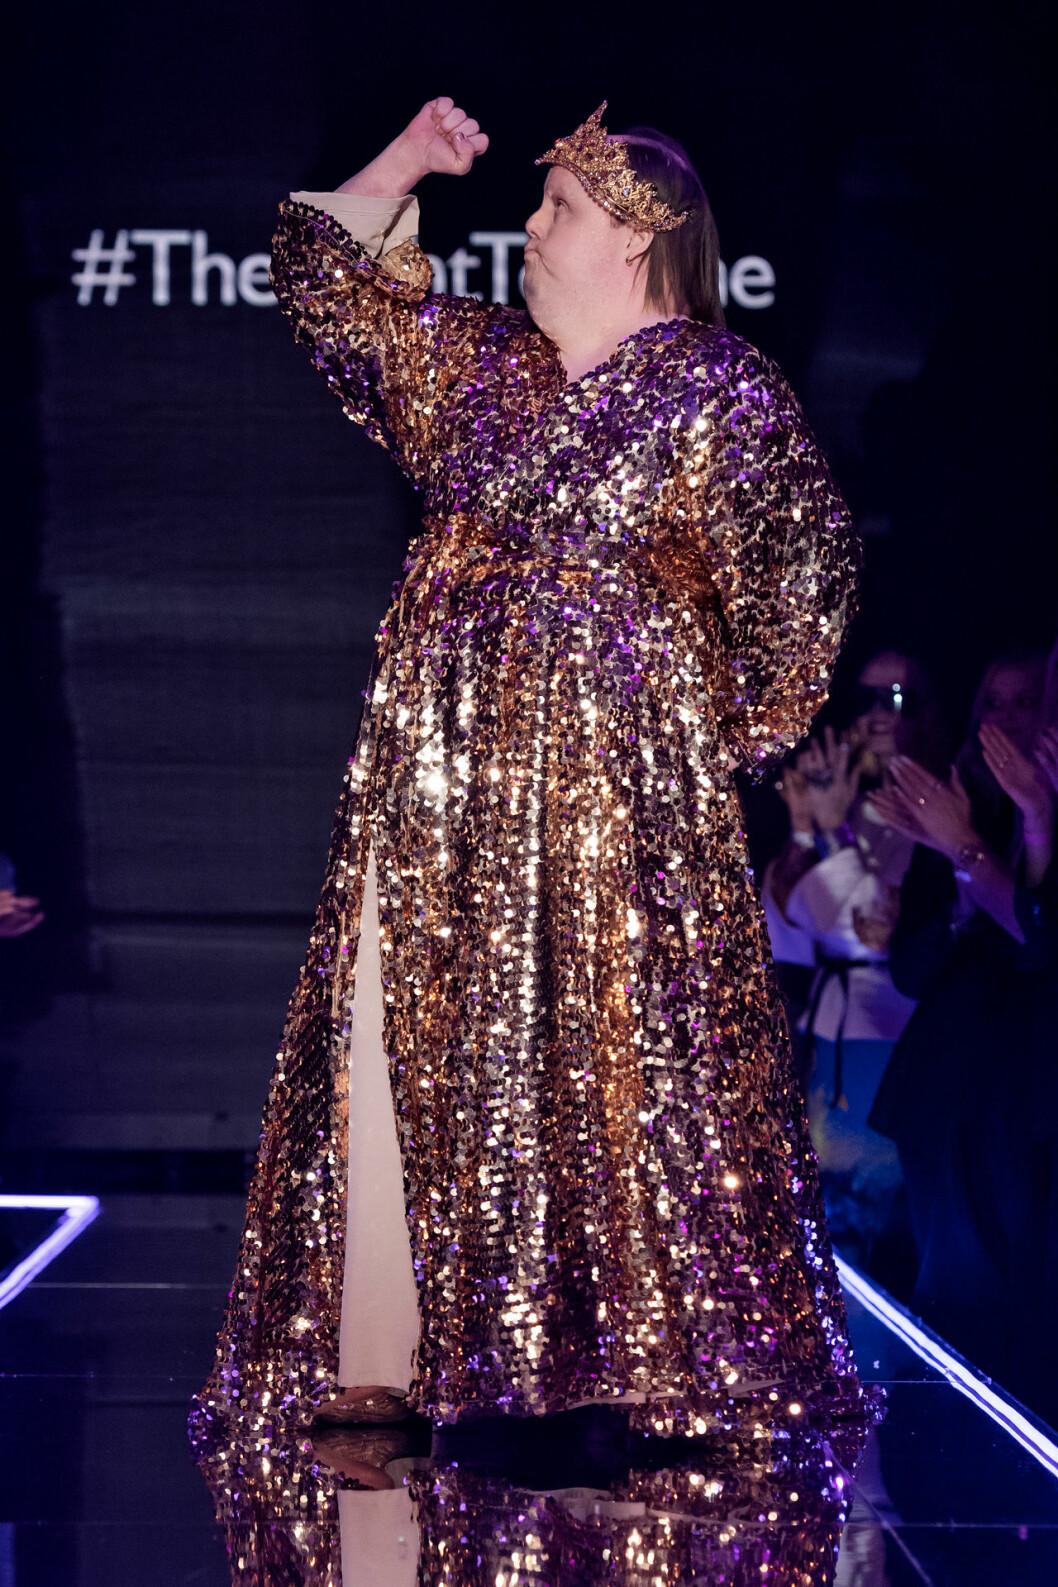 Guldglittrande paljettklänning i design av couturedesignern Frida Jonsvens.